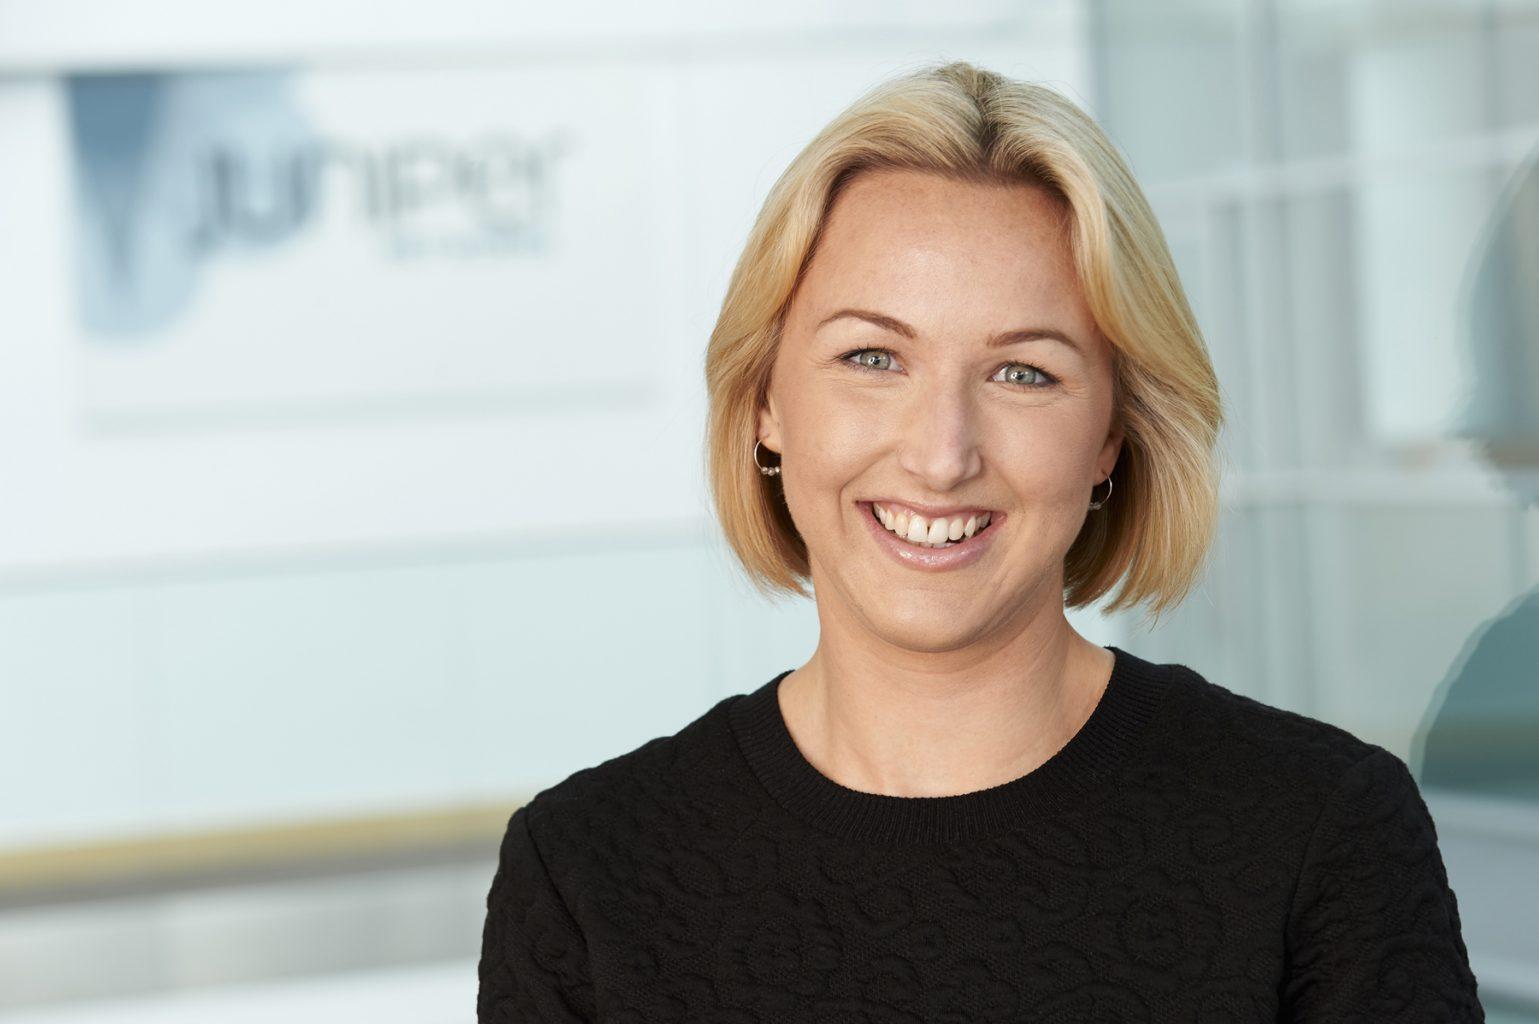 Liz Frazer corporate headshot for Juniper Networks